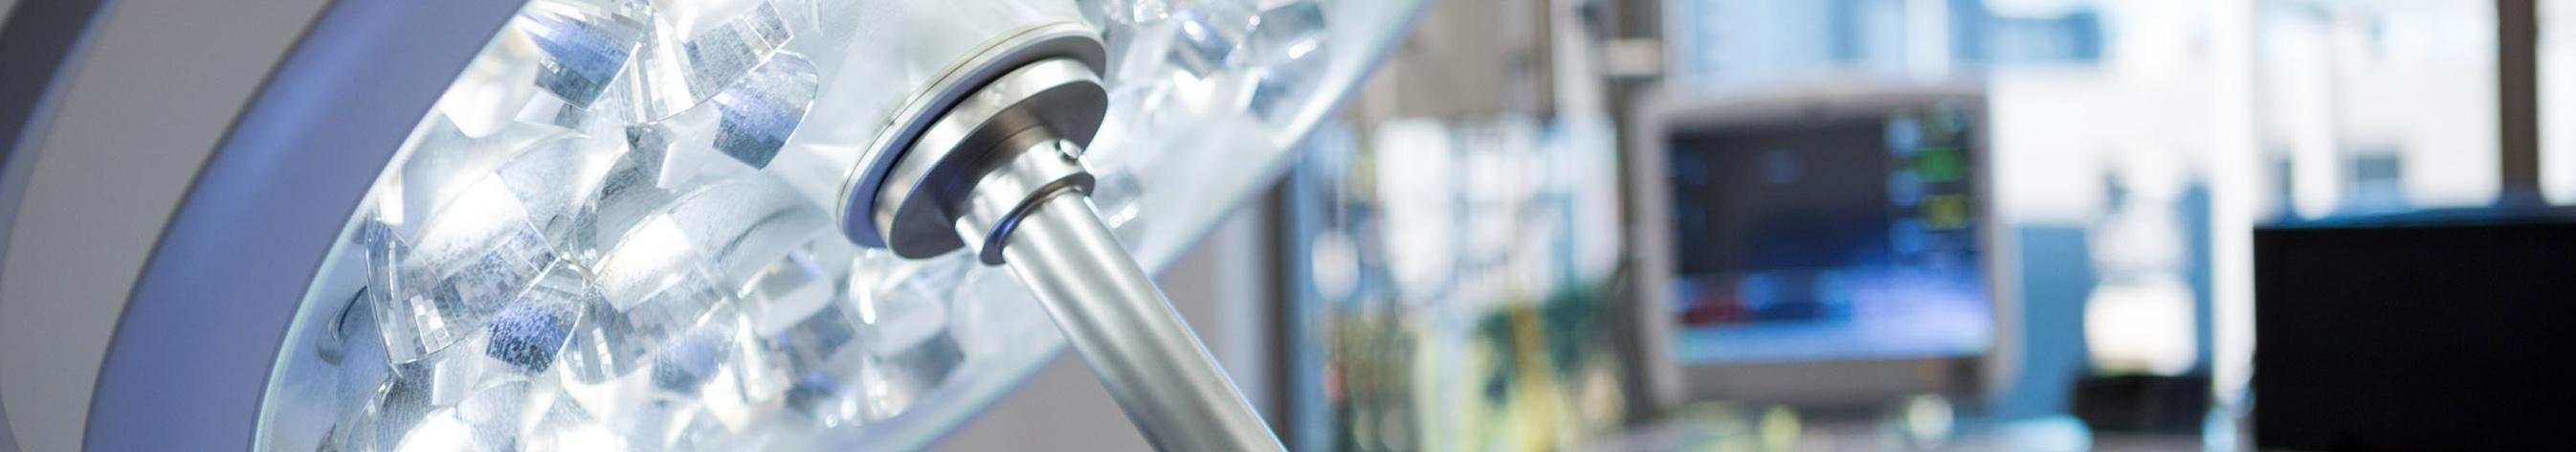 Датчики давления для медицины и фармацевтической промышленности Управление насосами Учет расхода смесей Устройства автоматики